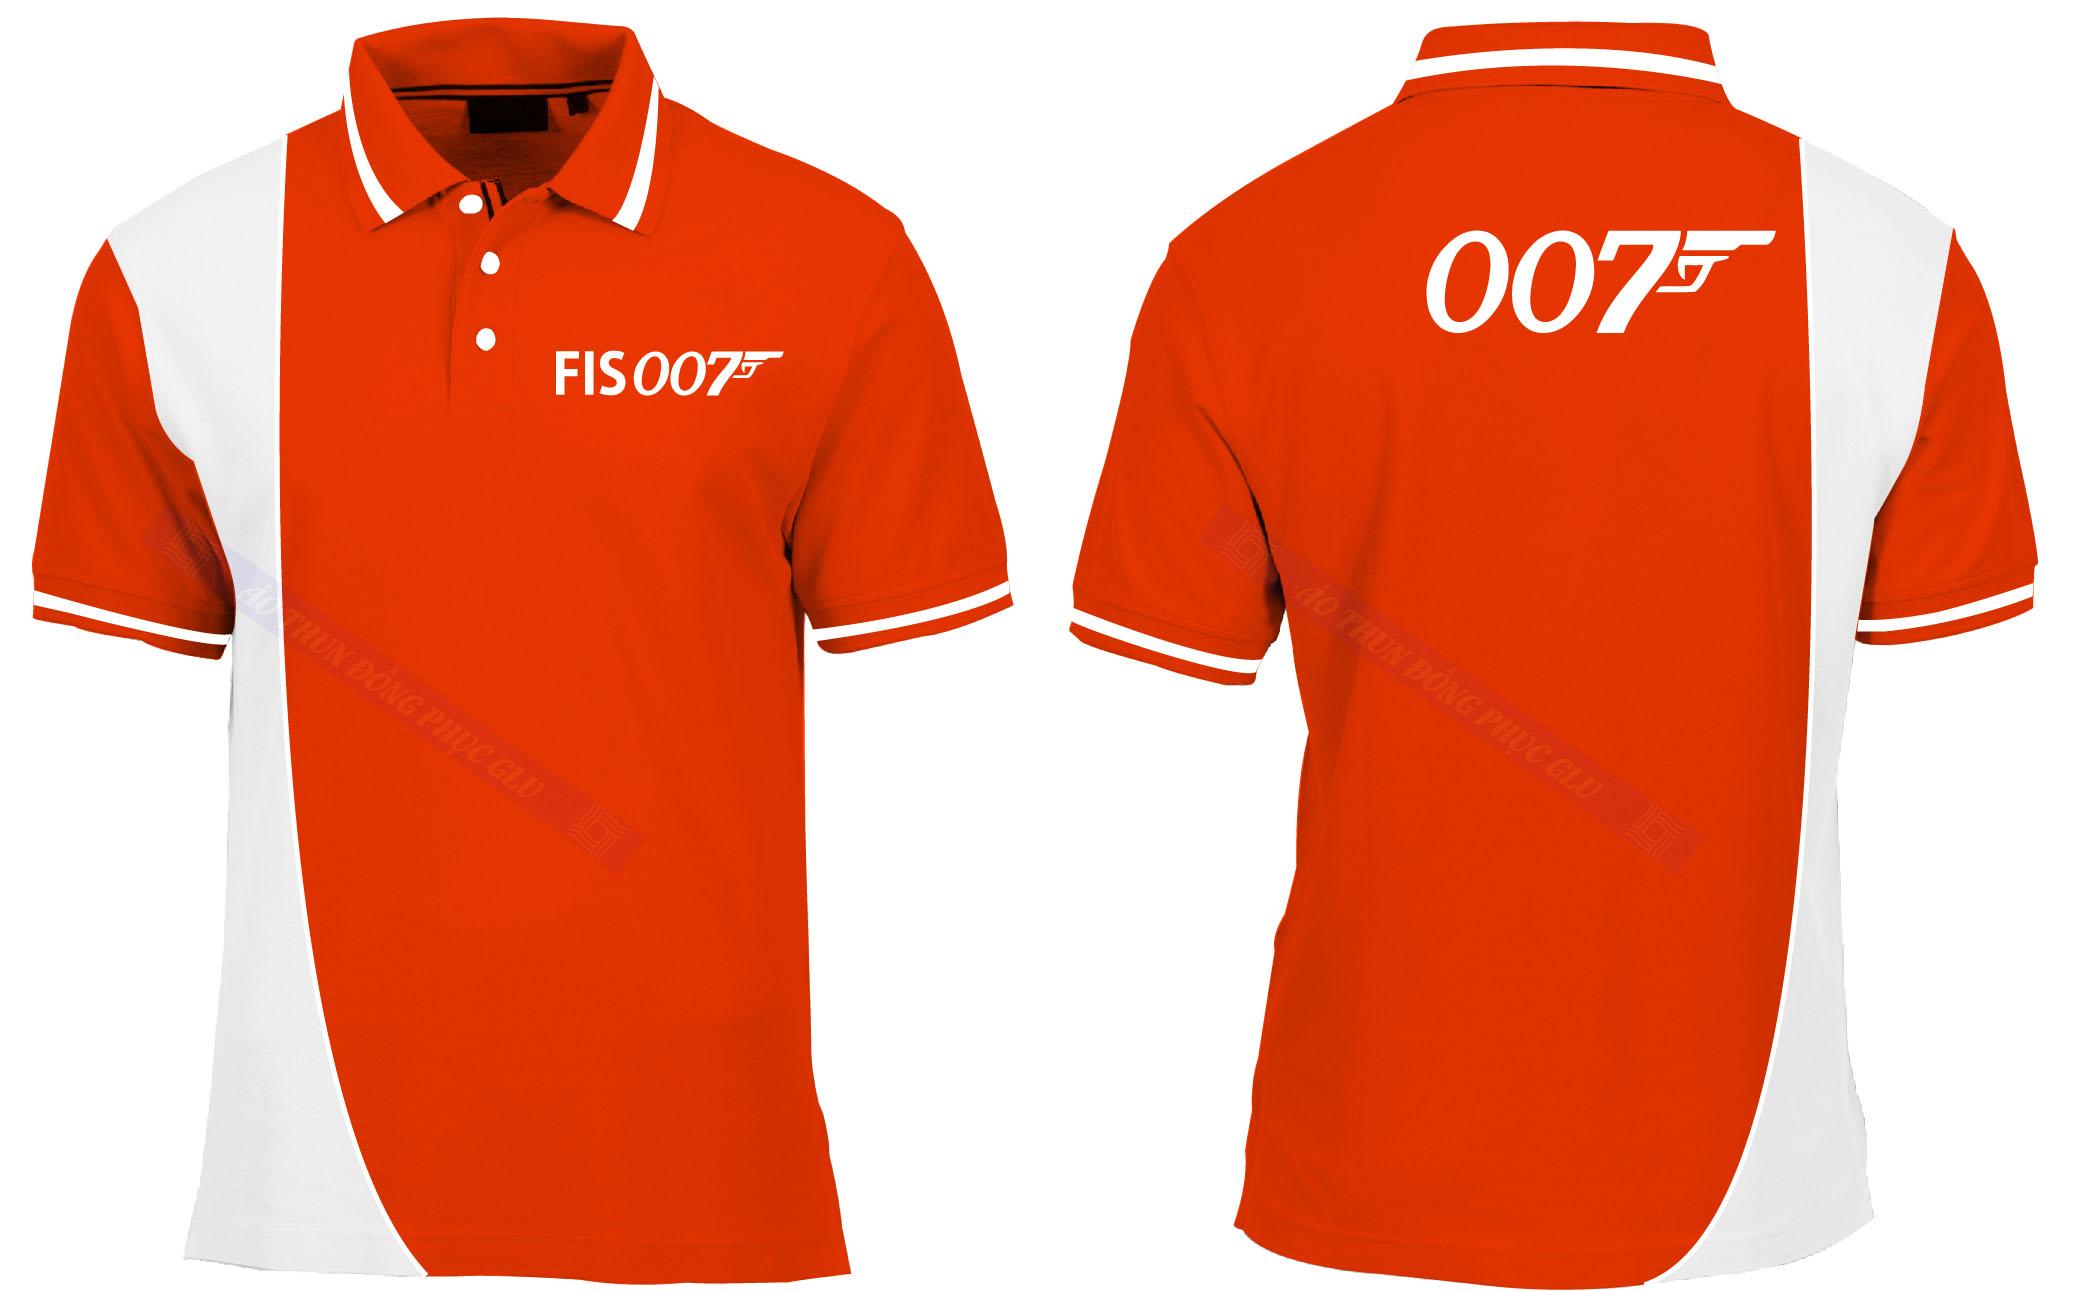 AO THUN FIS 007 áo thun đồng phục đẹp